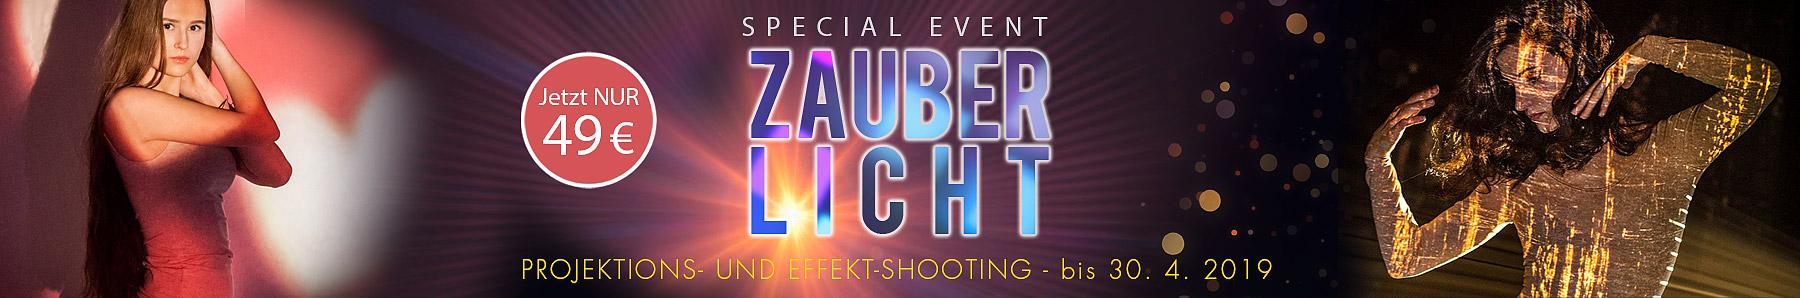 Banner für Mottoaktion Fotoshooting Zauberlicht